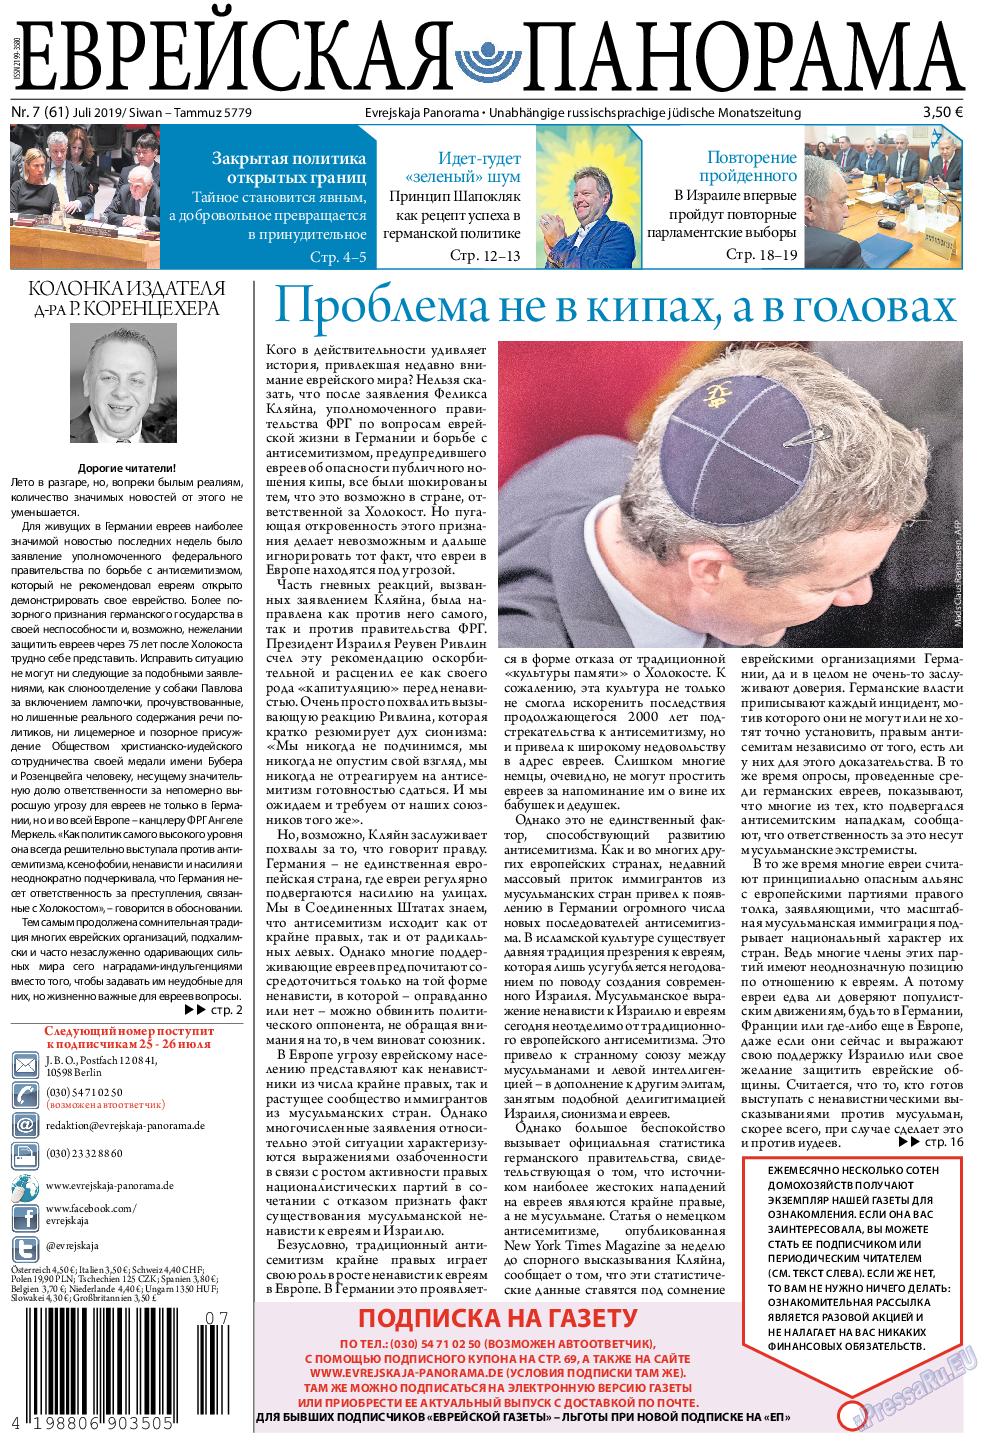 Еврейская панорама (газета). 2019 год, номер 7, стр. 1